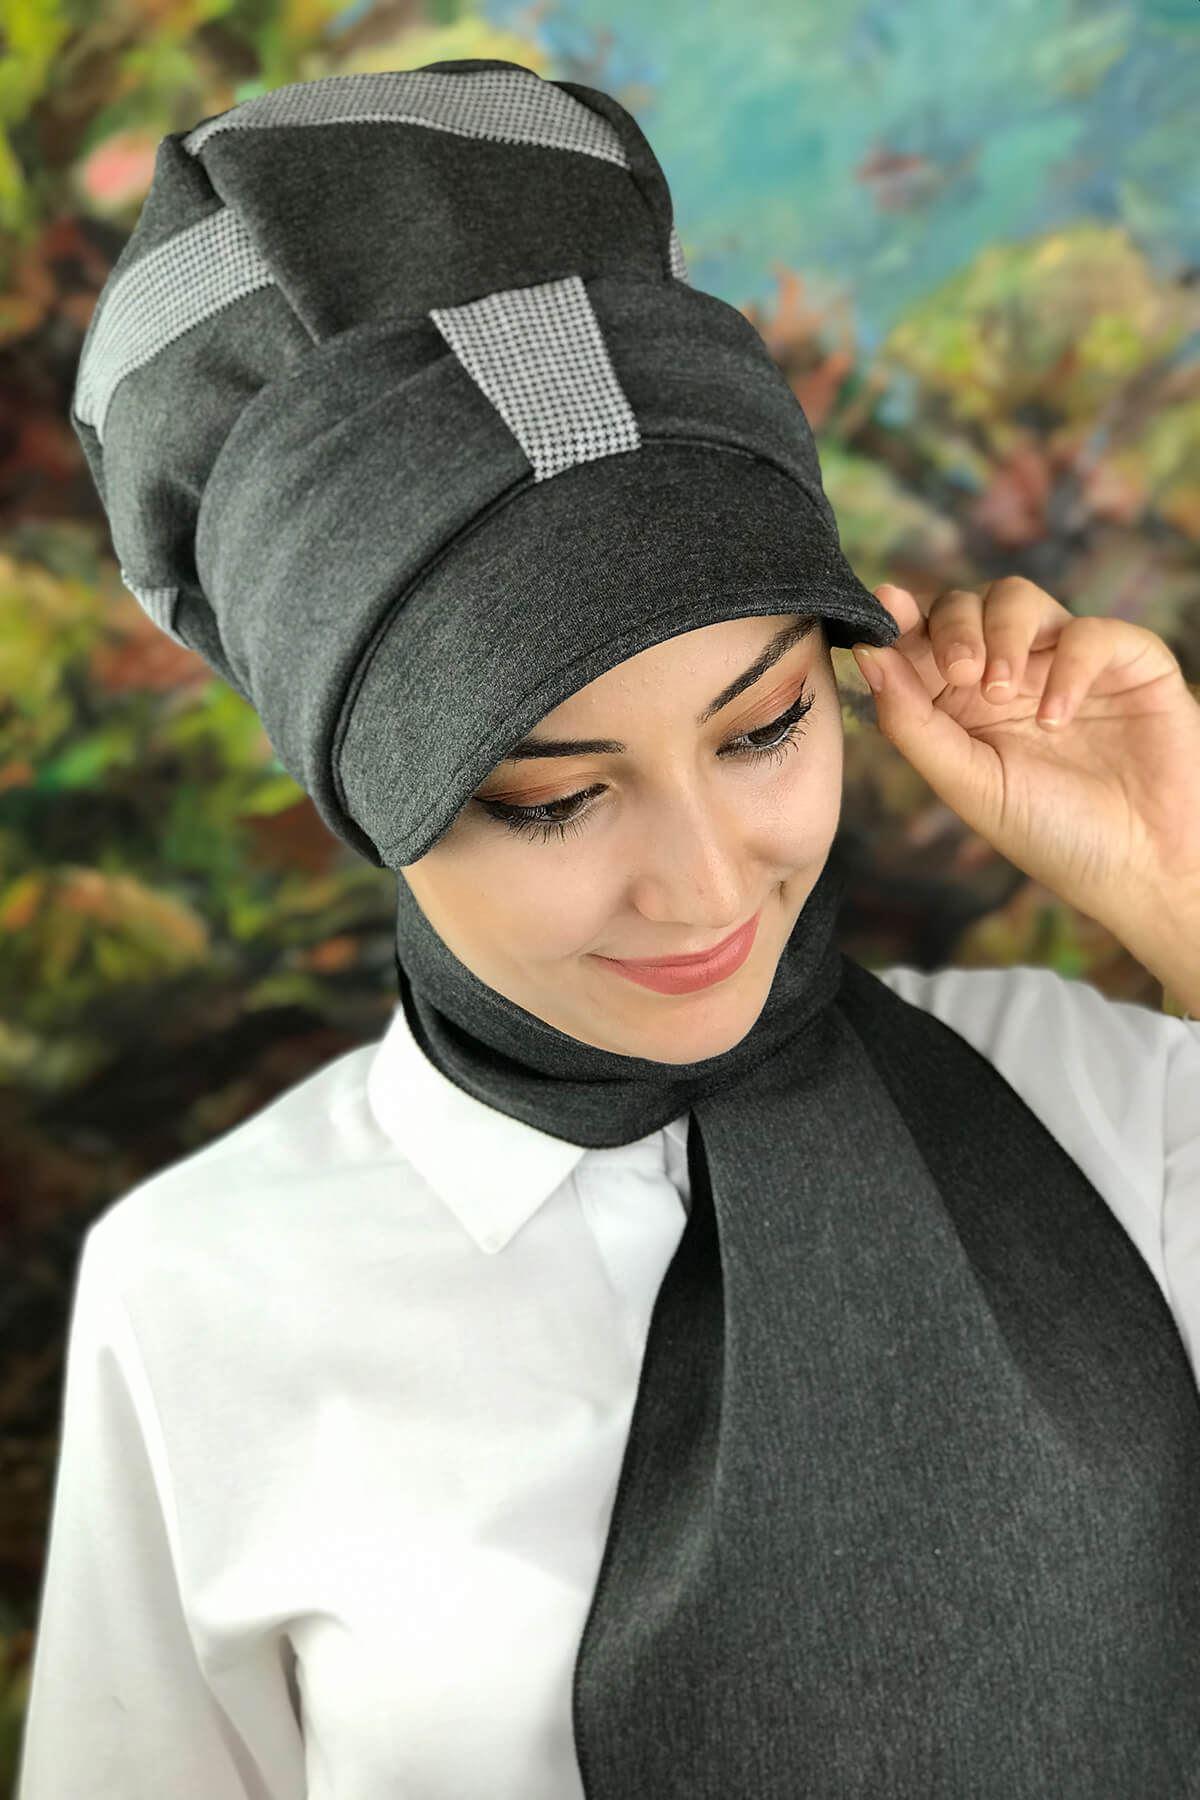 Füme Fularlı Şapka Bone